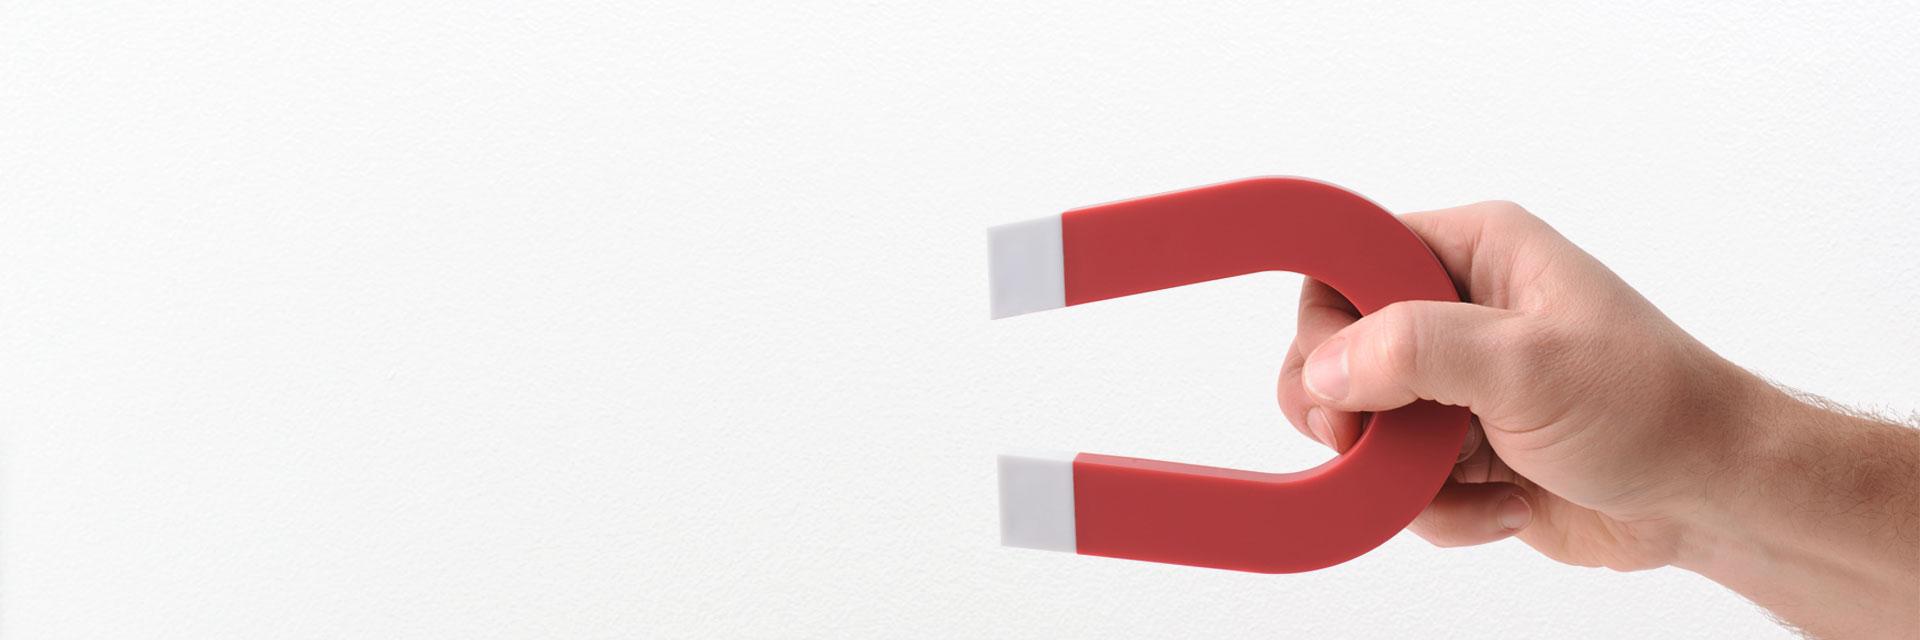 Magnetvlies von Surtech – magnetische Tapete für die Wand